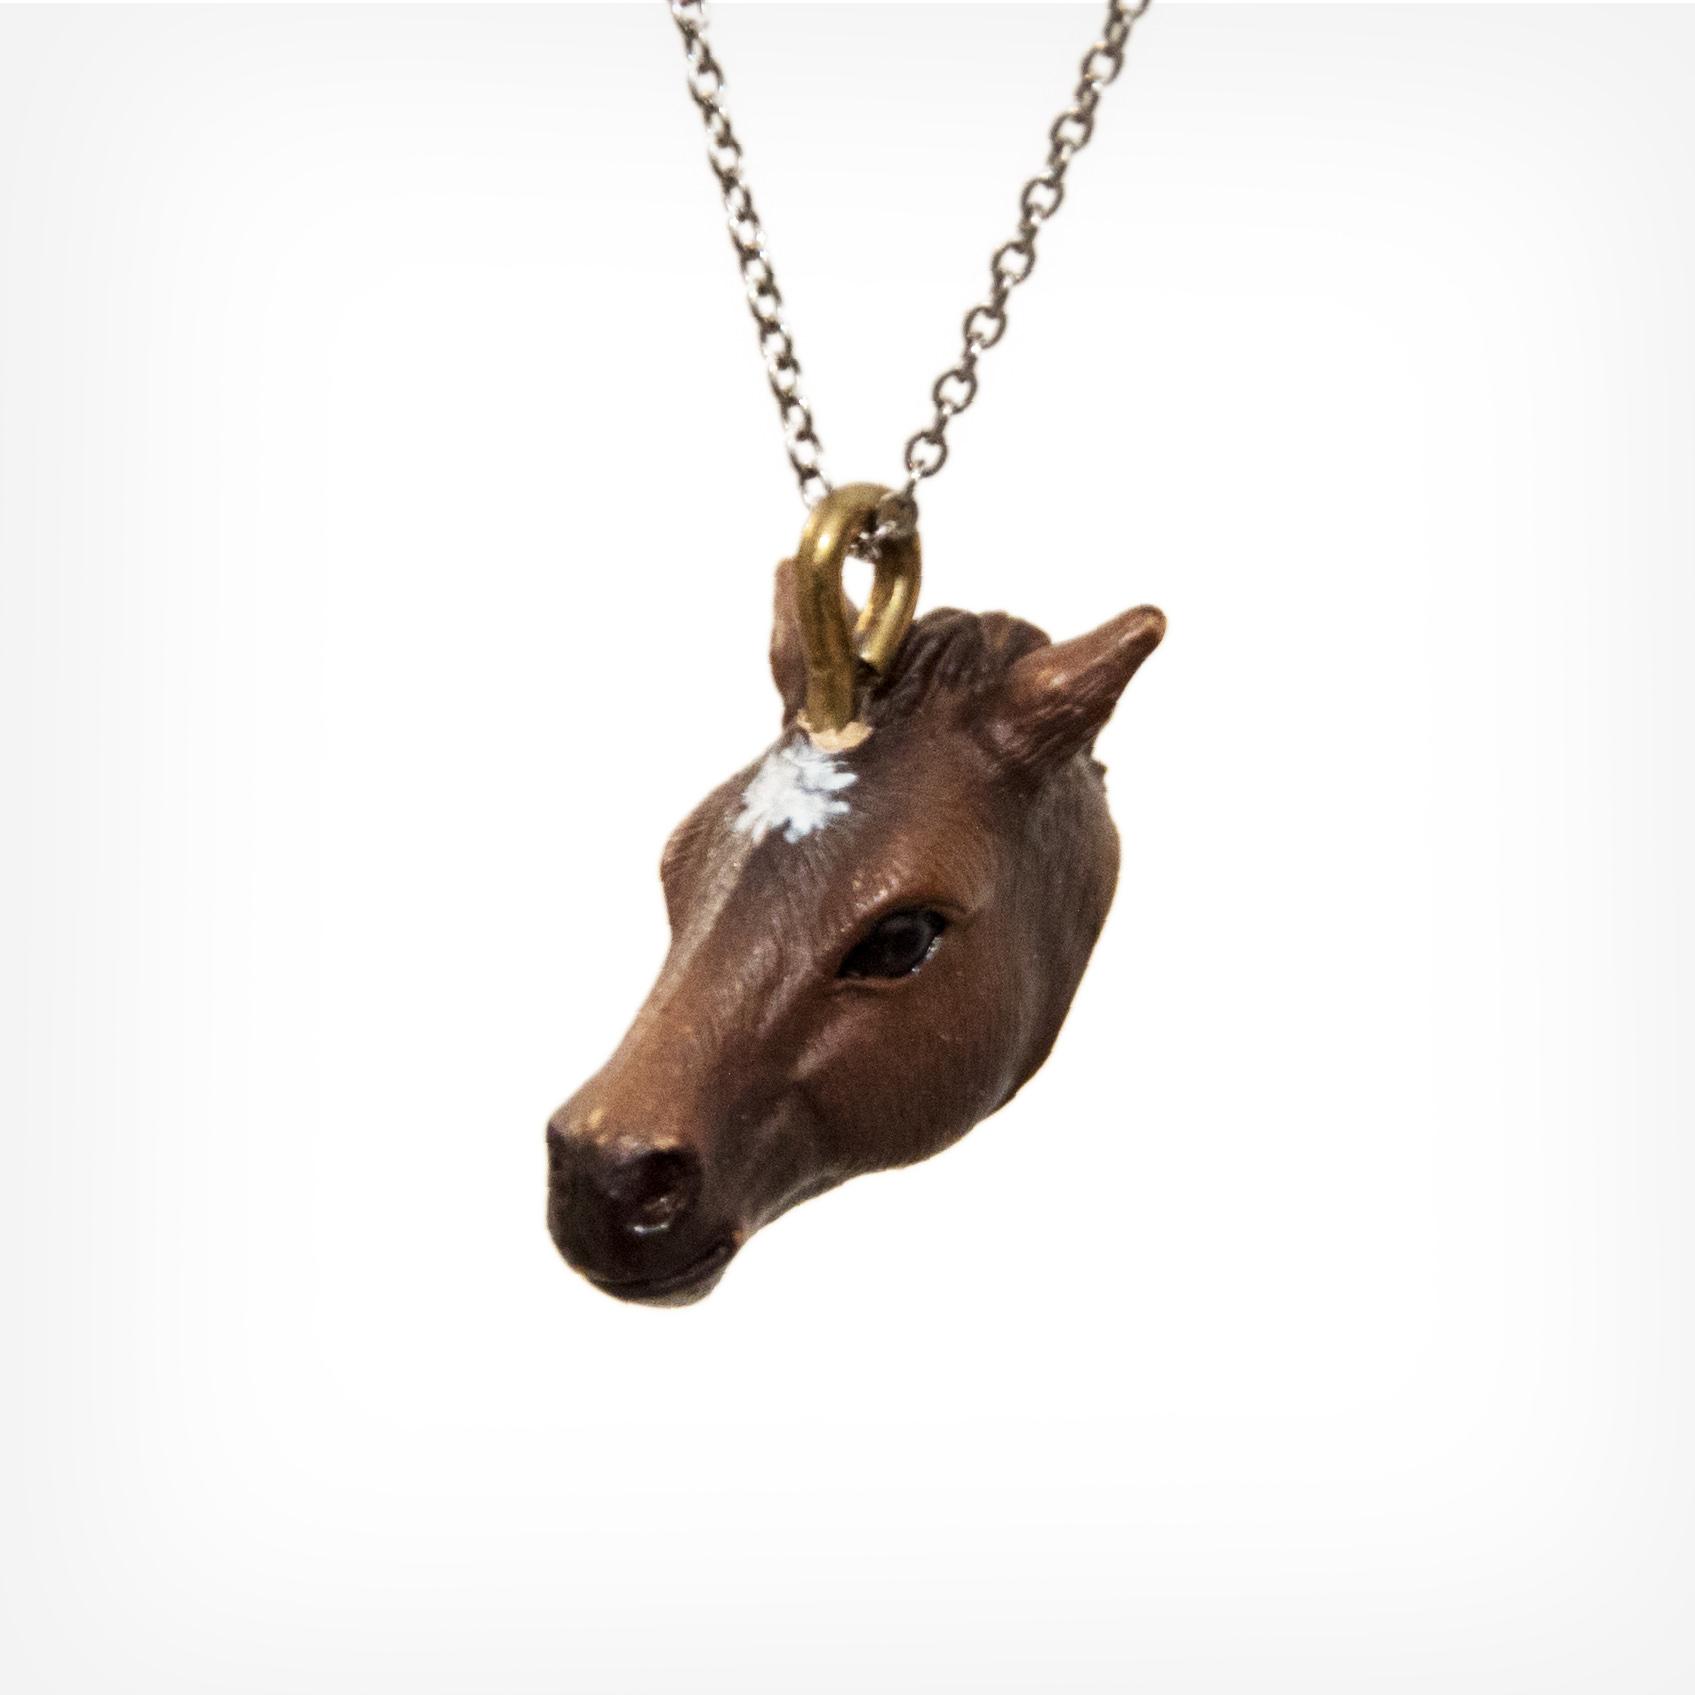 Pferd braun   horse brown